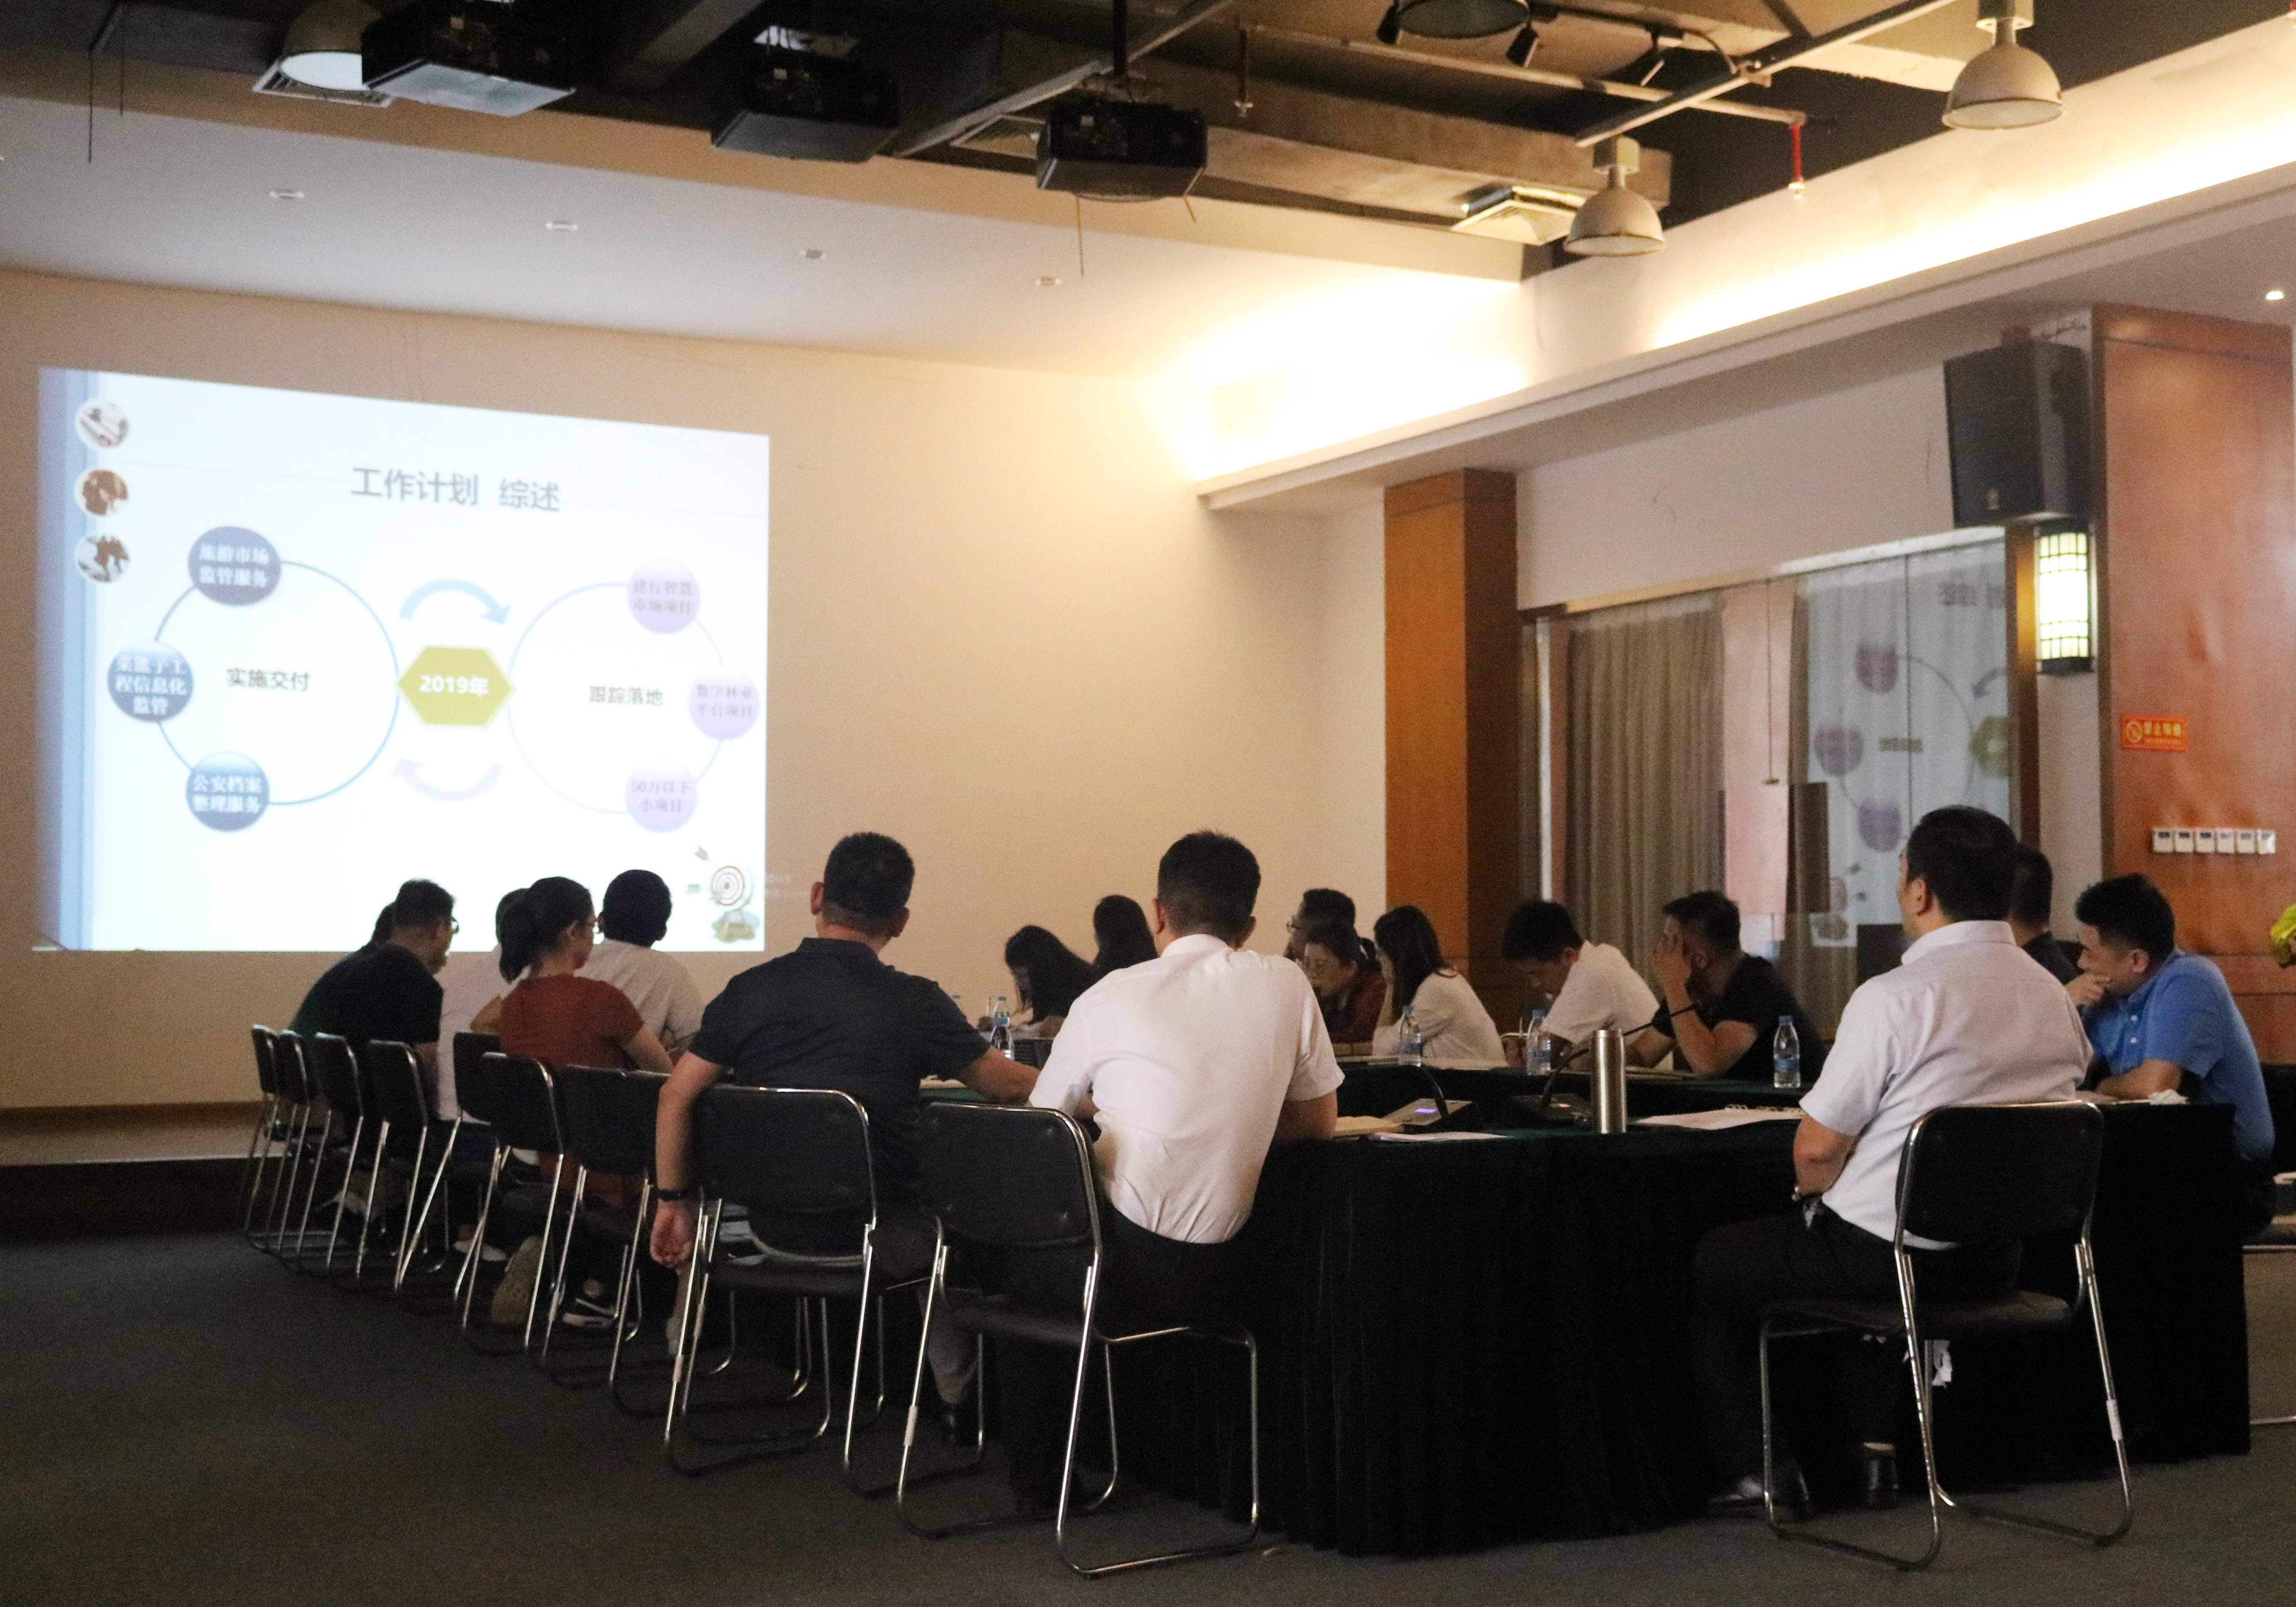 三亞信投公司召開2019年度上半年總結暨下半年工作計劃大會